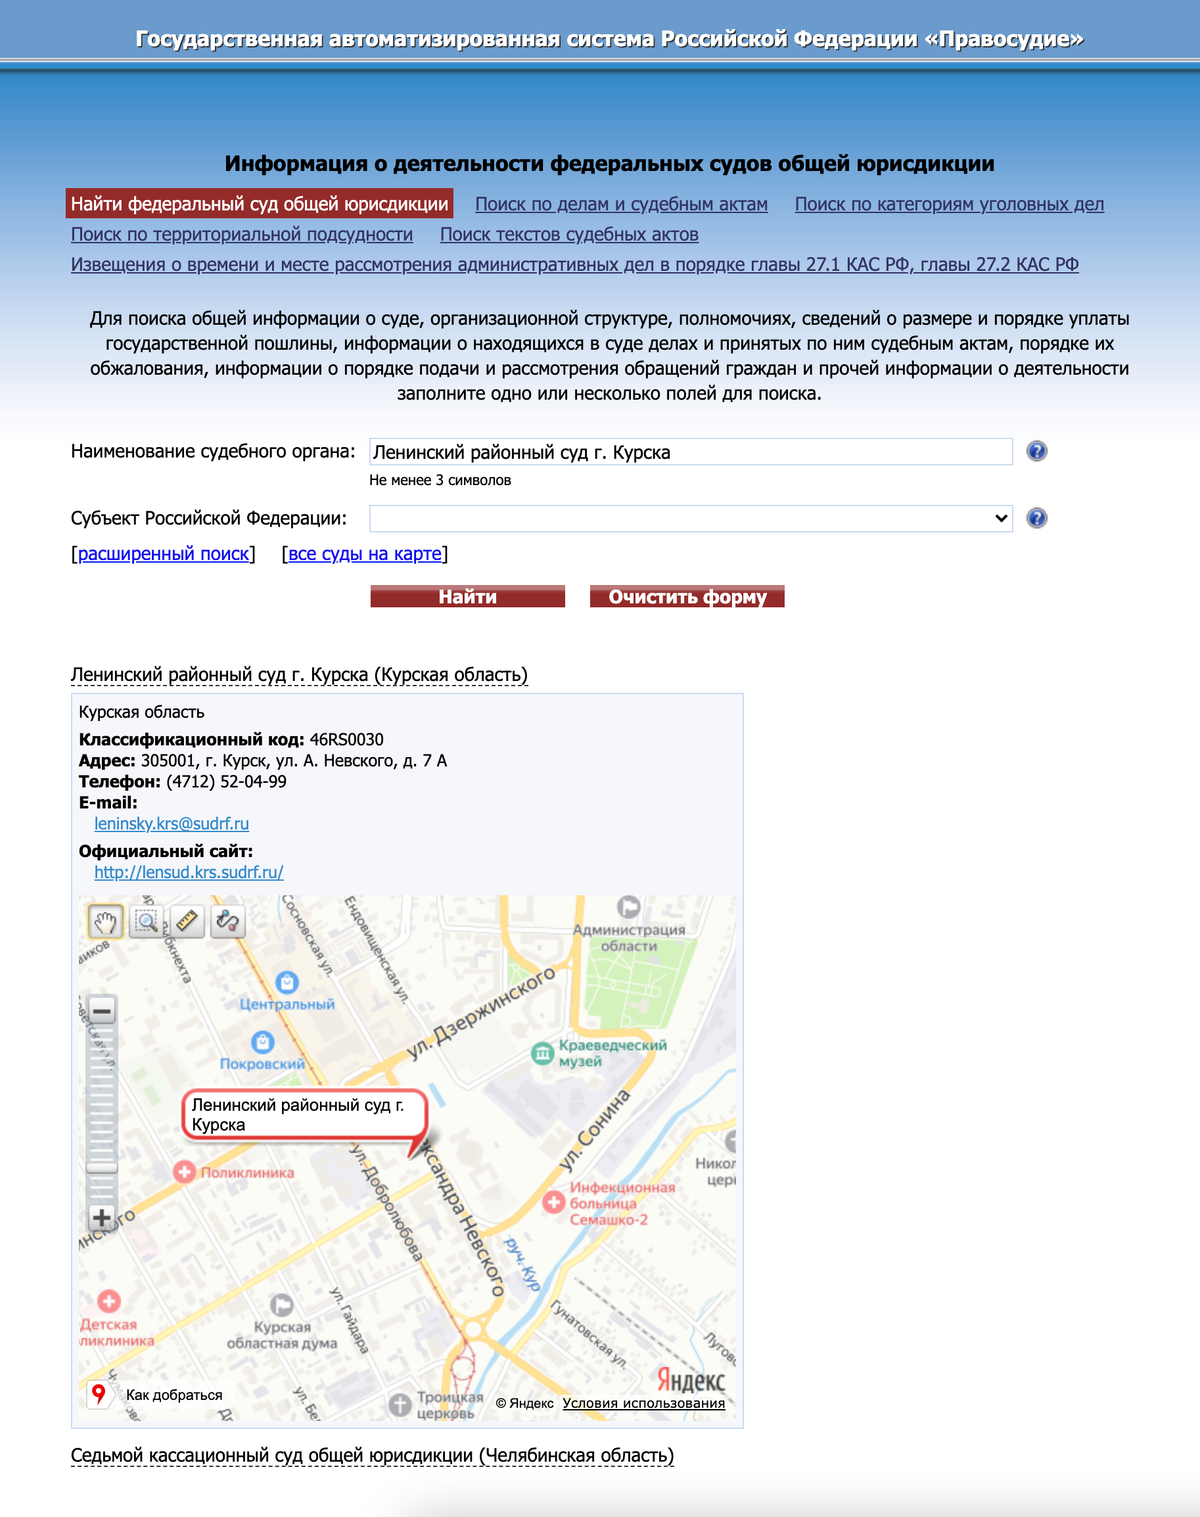 В разделе «Федеральные суды общей юрисдикции» вбиваем название суда: «Ленинский районный суд г.Курска». Переходим на его сайт